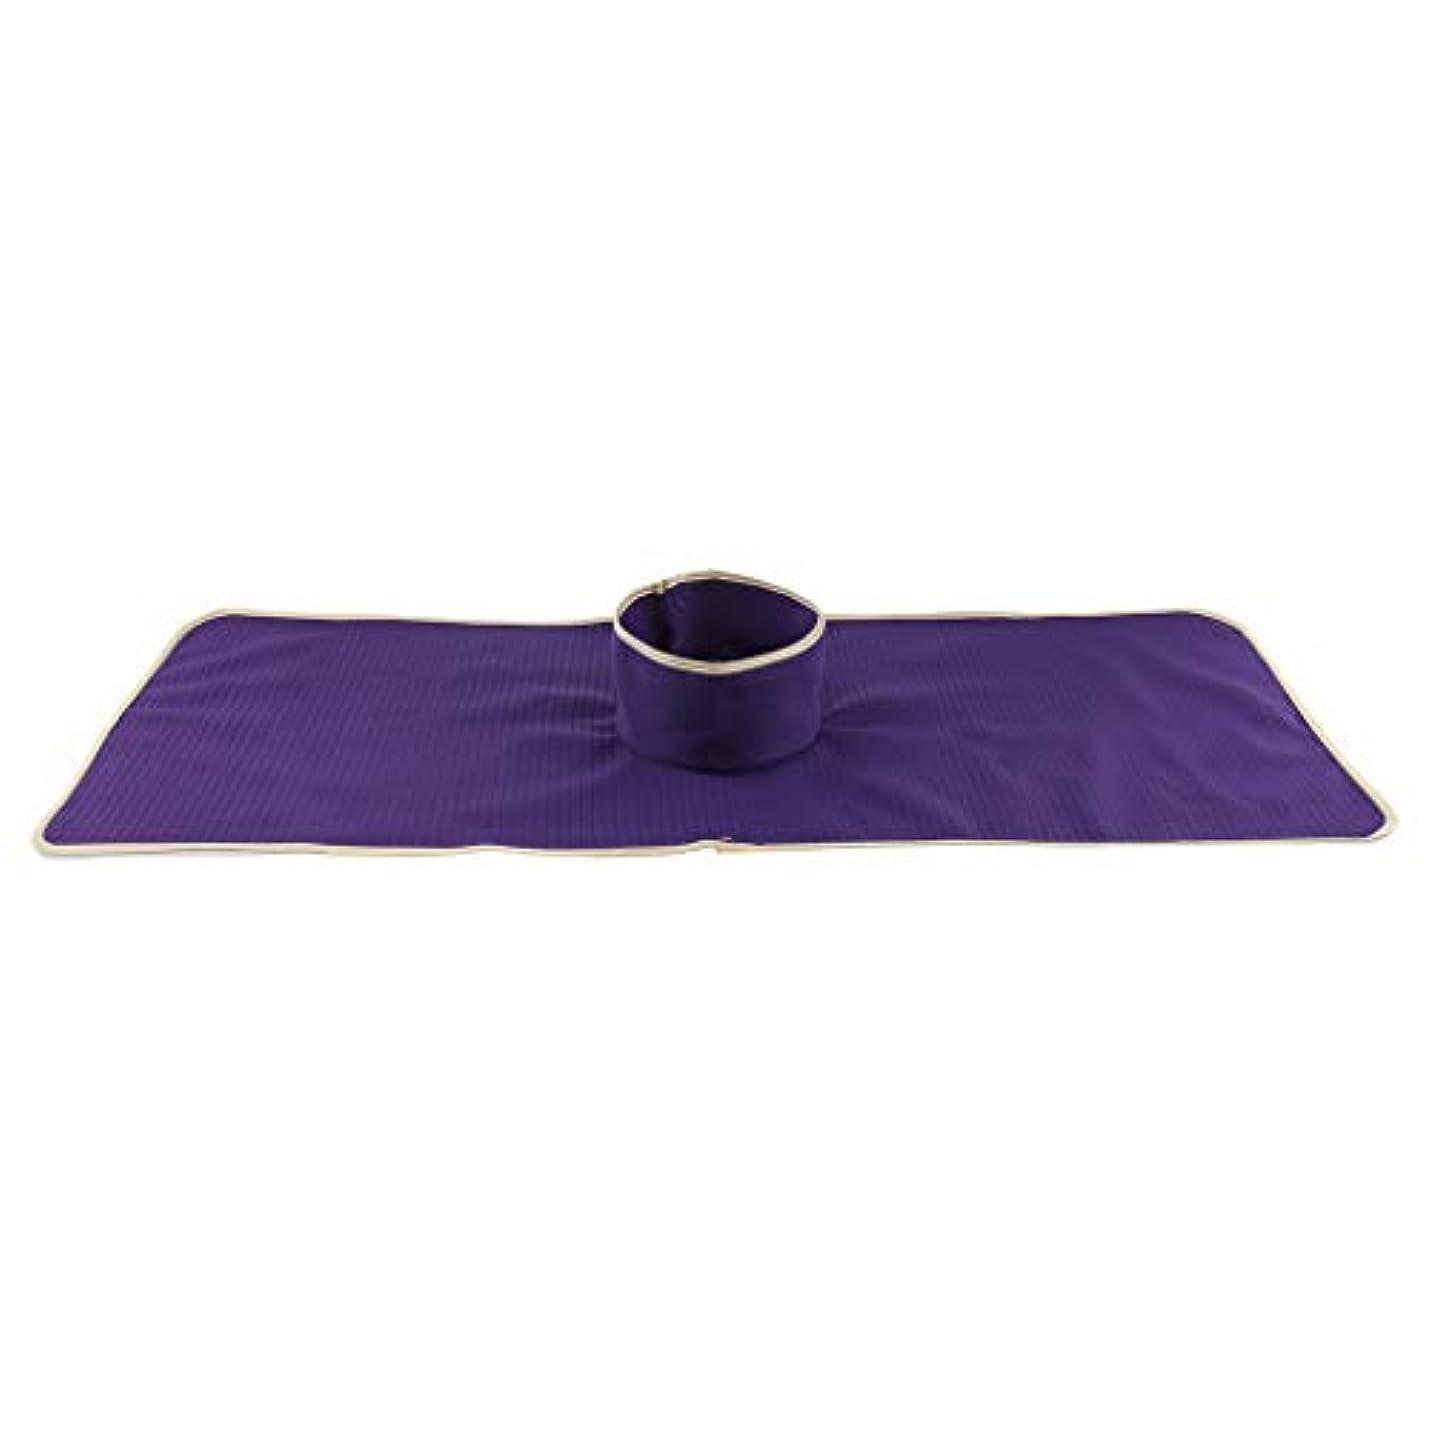 しかしプレゼンテーション要求するサロン 美容院 マッサージのベッド パッド 穴付き 洗える 約90×35cm 全3色 - 紫